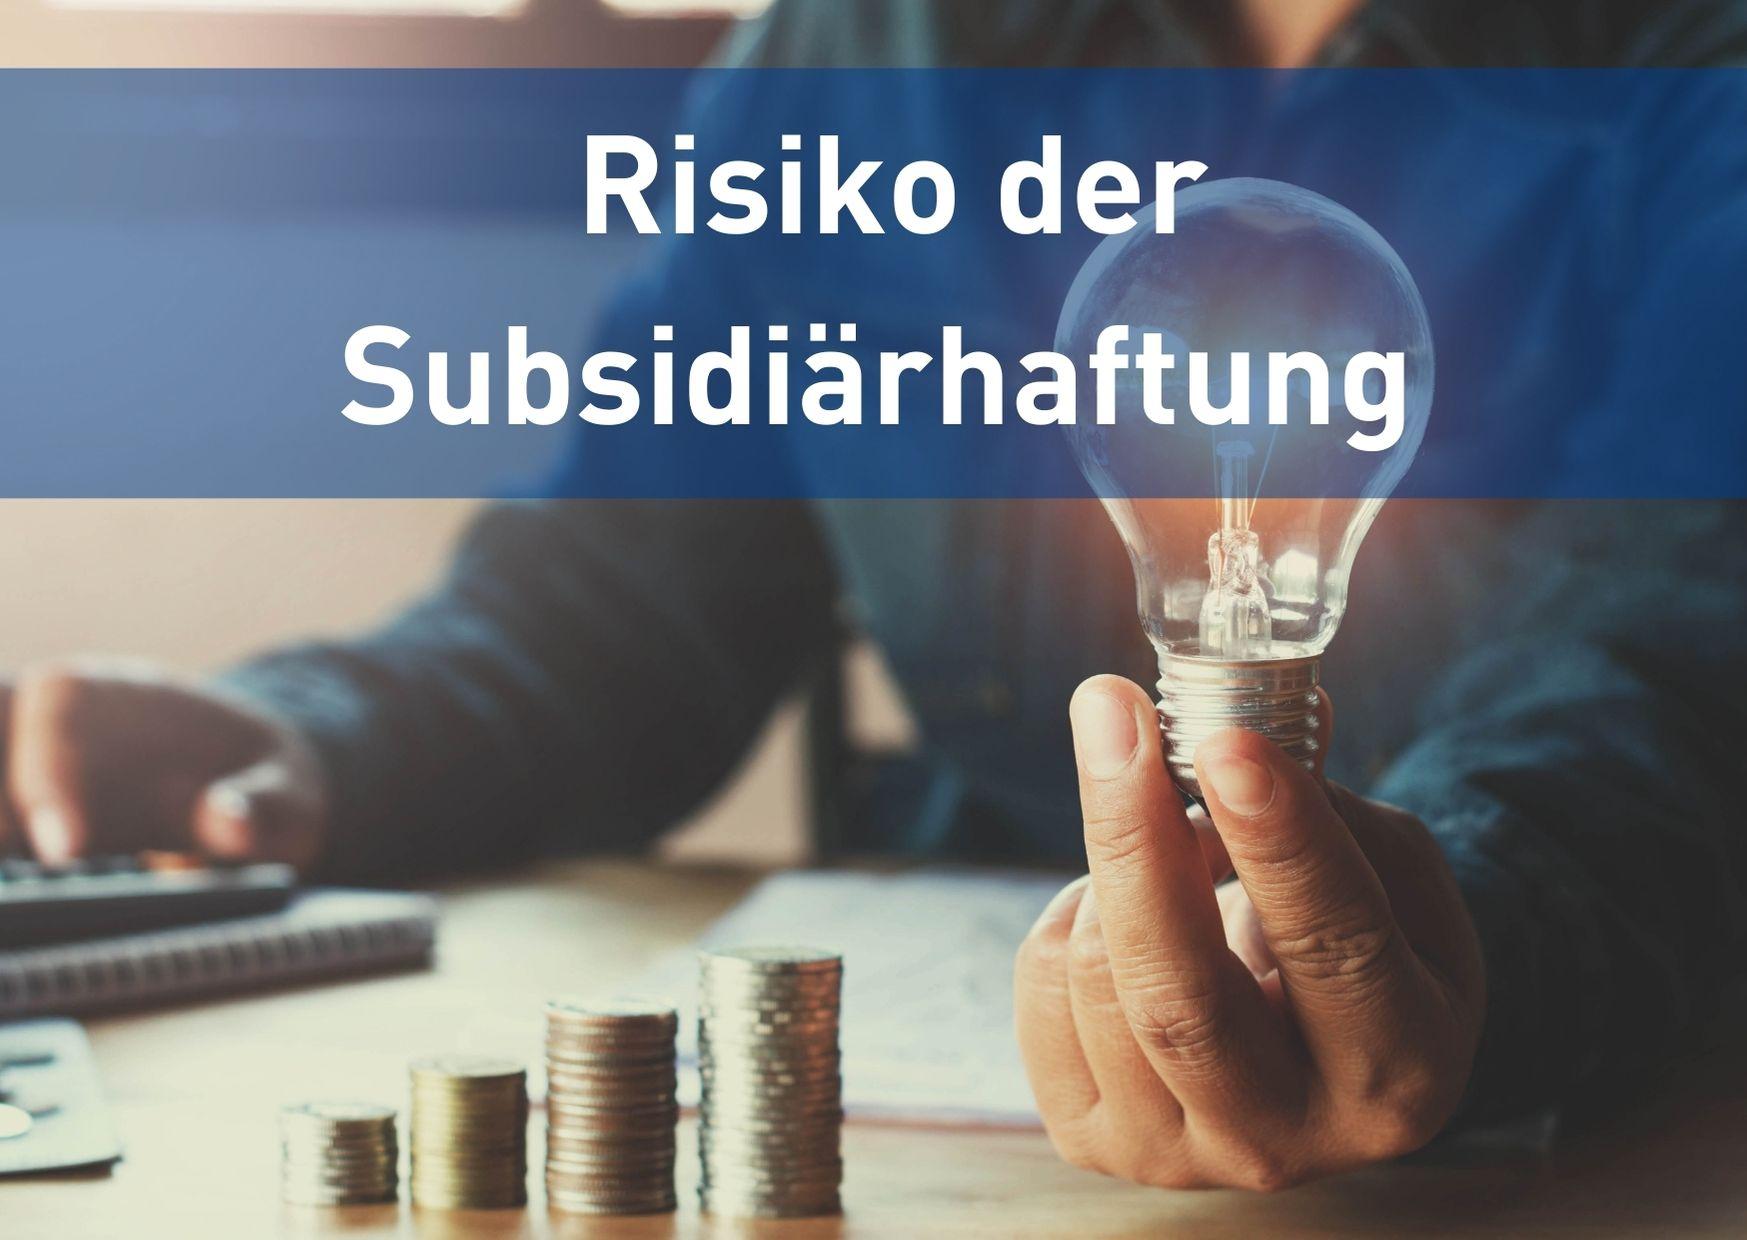 Risiko der Subsidiärhaftung